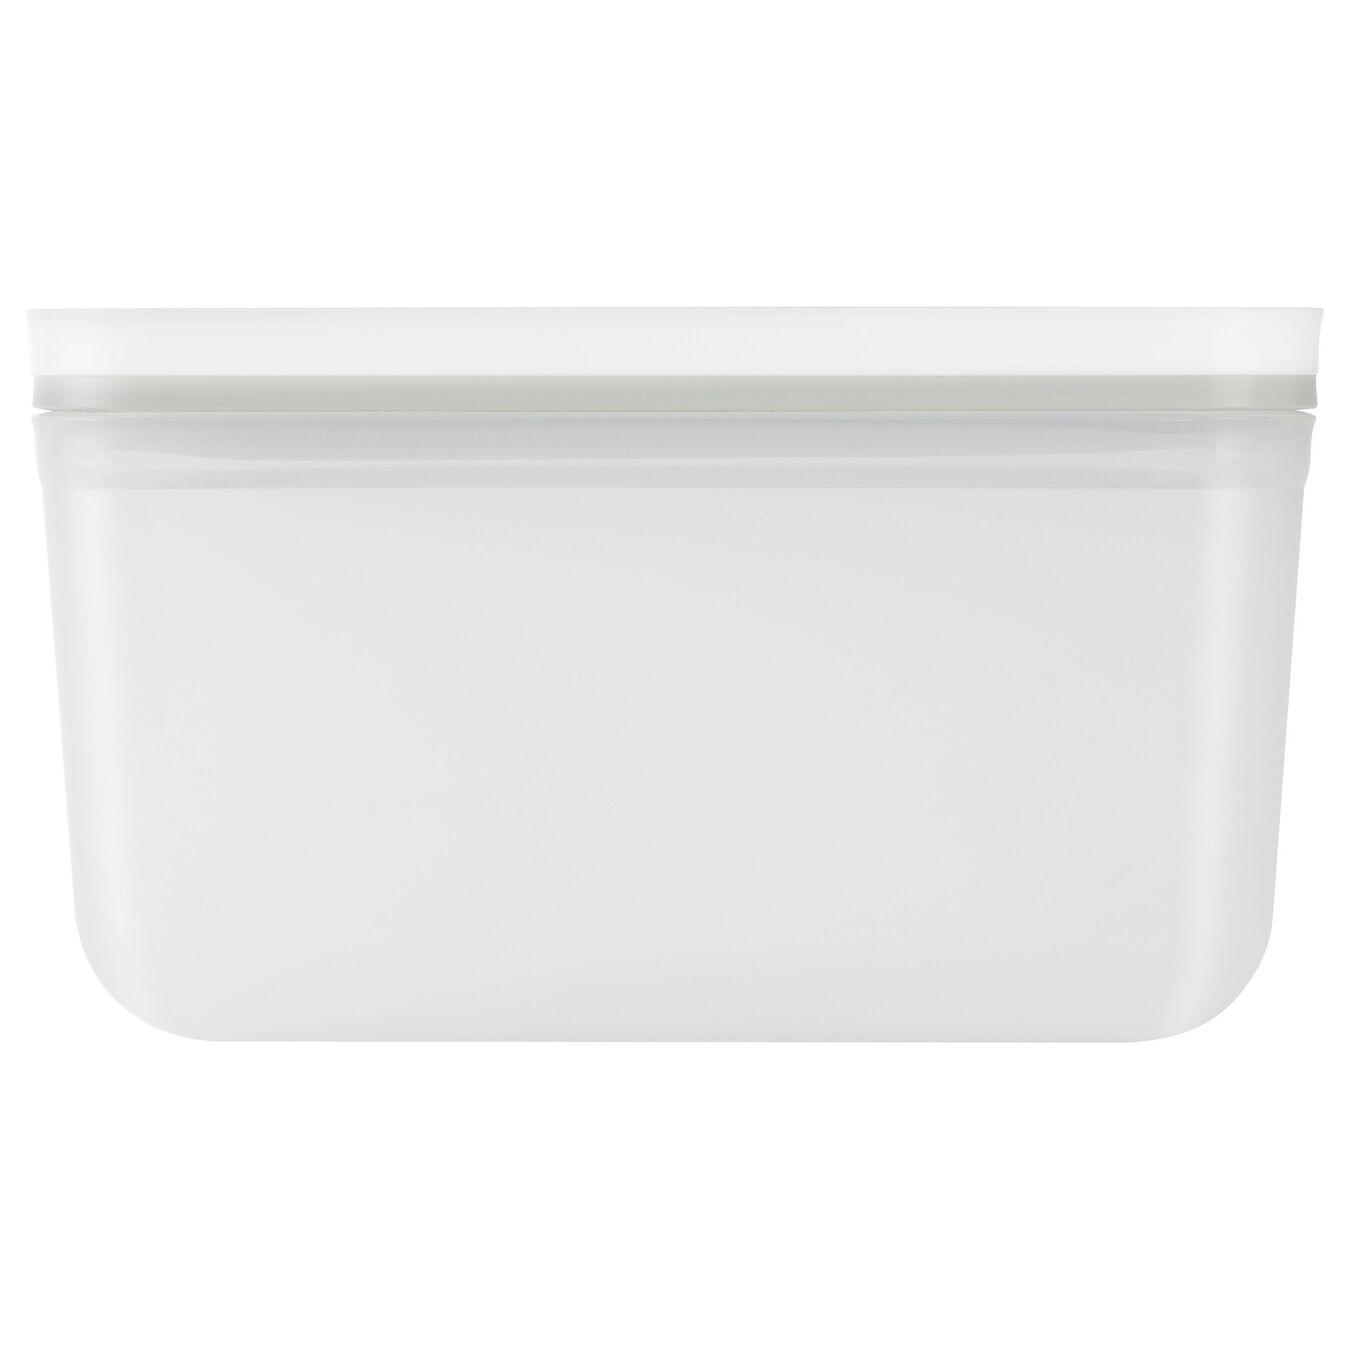 large Vacuum Container, plastic, white,,large 3